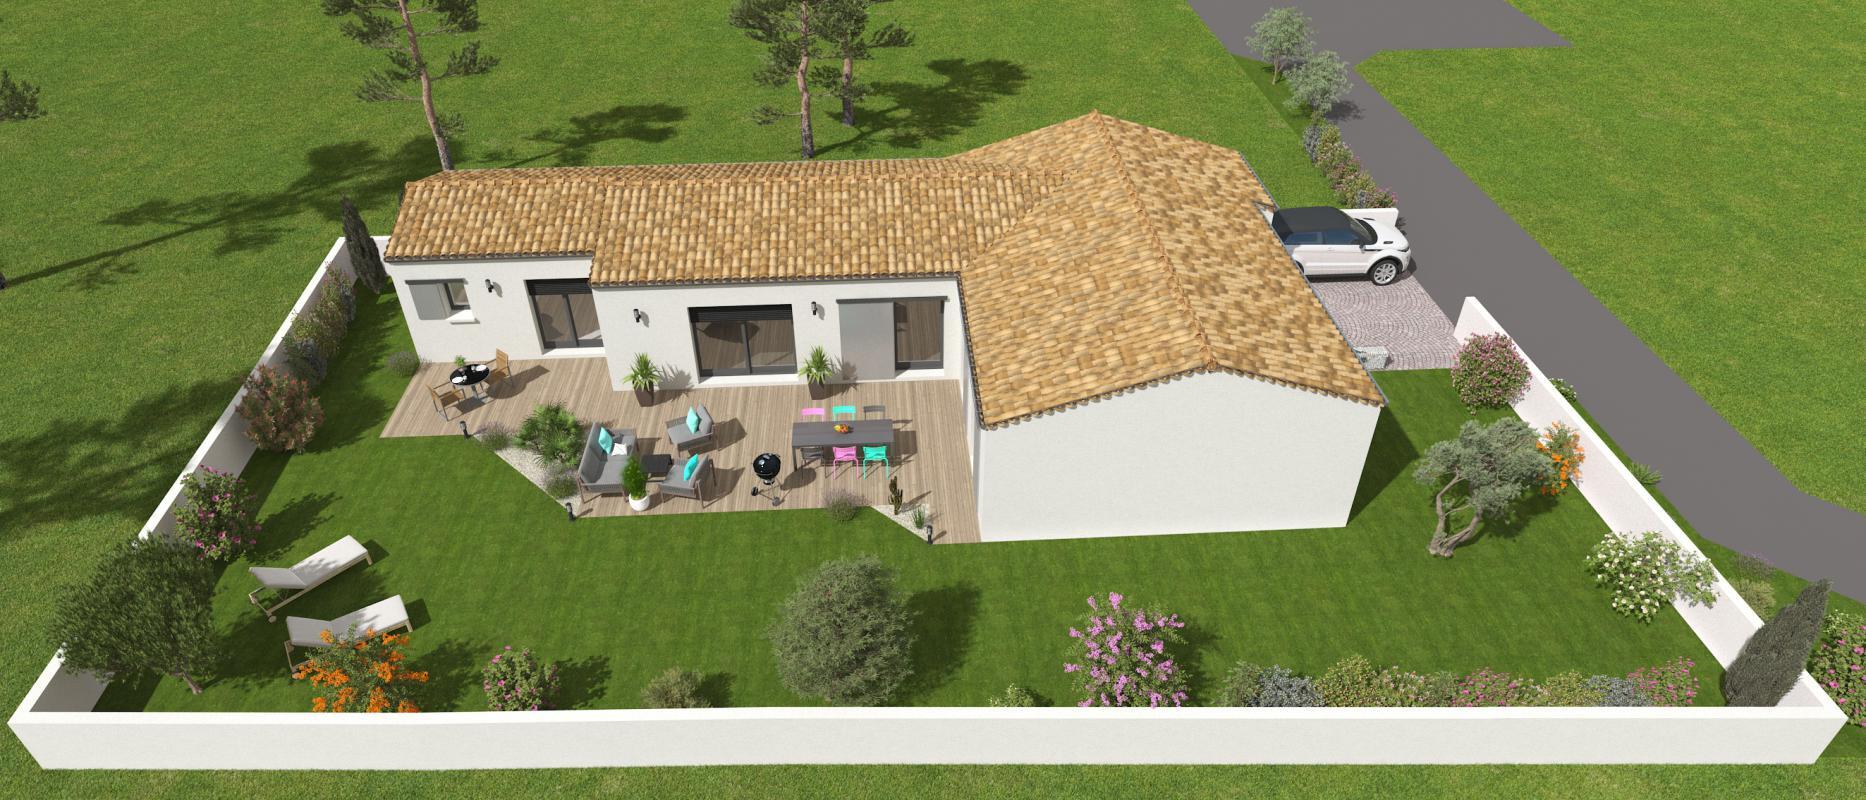 Maisons + Terrains du constructeur MAISONS ACCO - Agence de LA JARNE • 122 m² • SAINT SULPICE DE ROYAN